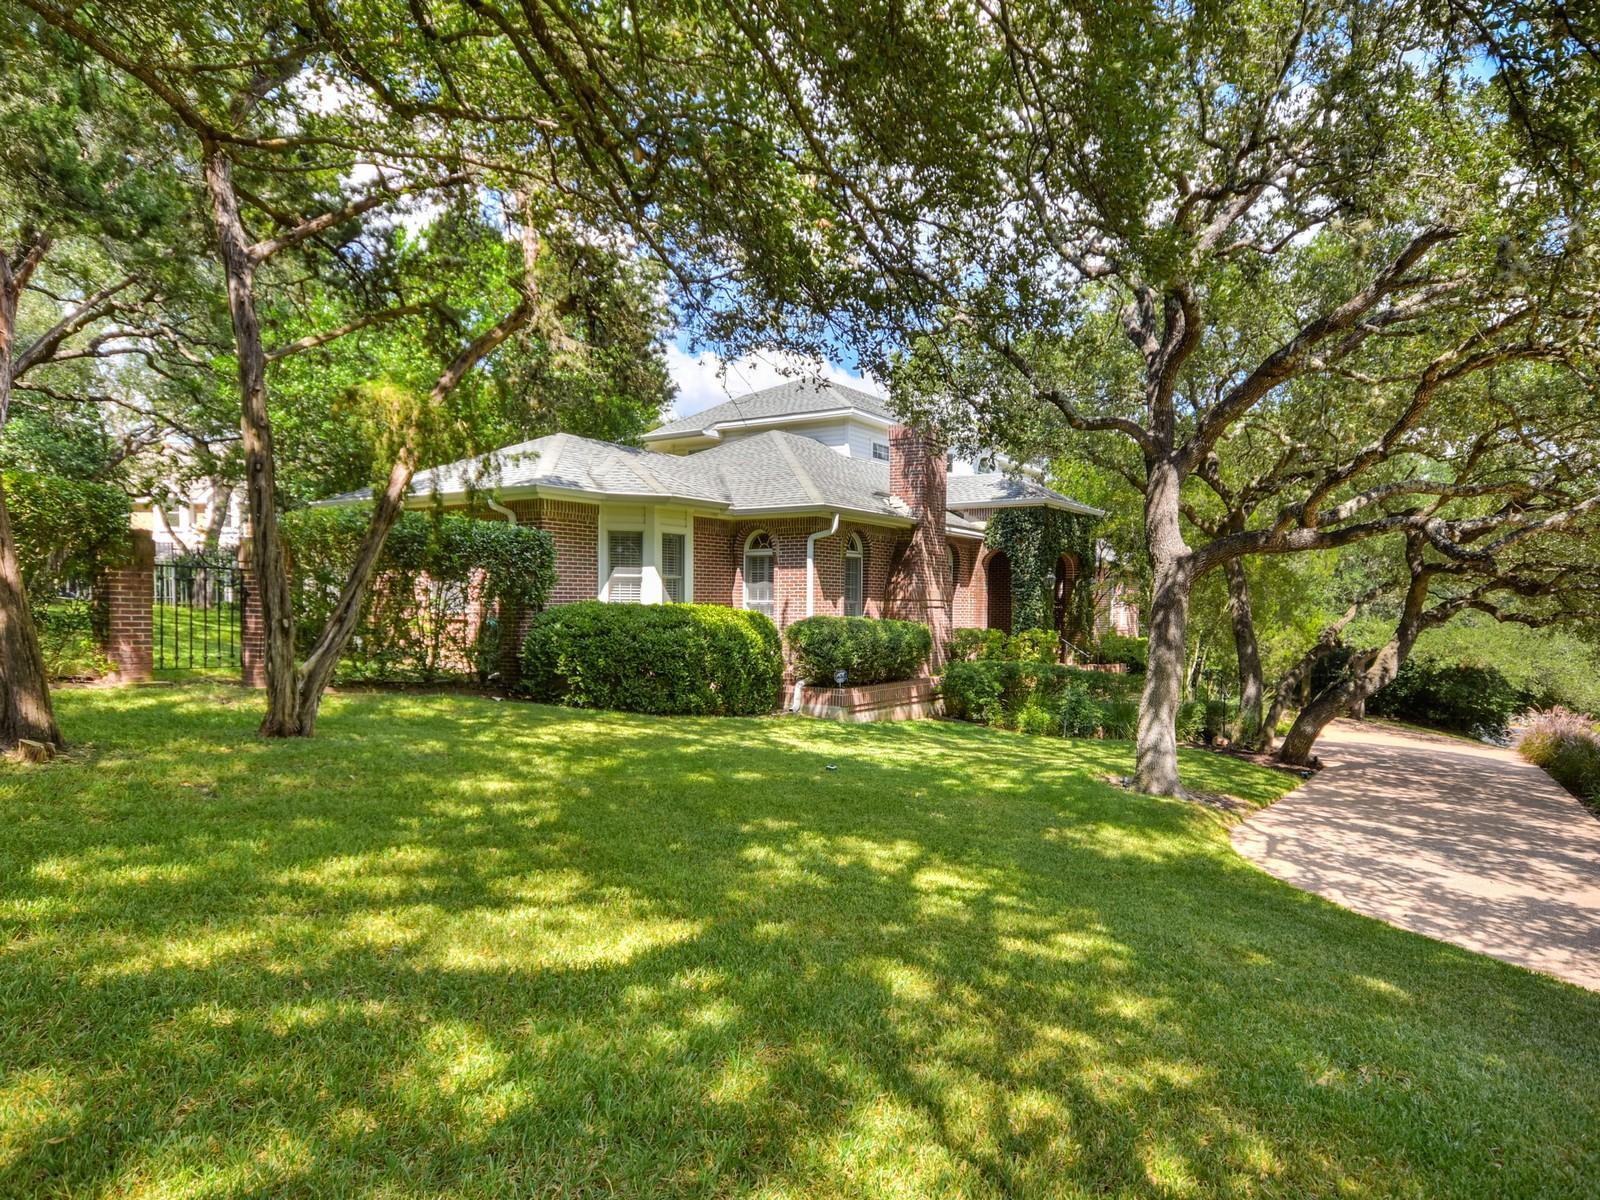 Maison unifamiliale pour l Vente à Traditional Westlake Hills Home 2400 Westlake Pass Austin, Texas, 78746 États-Unis